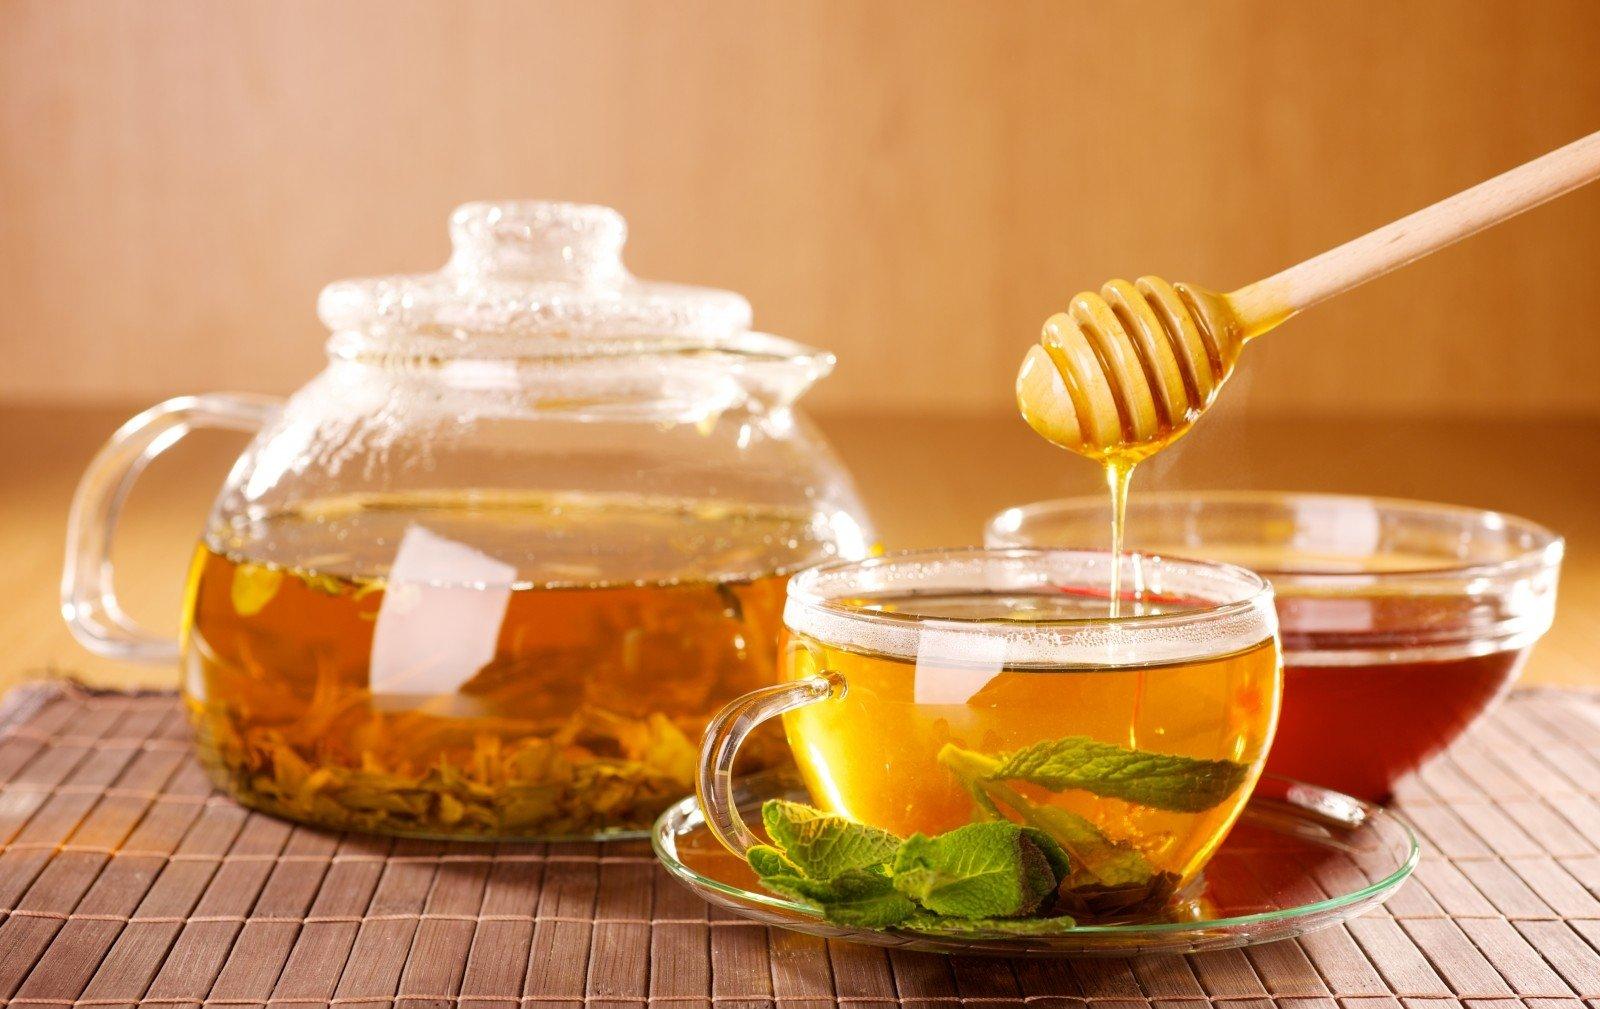 Приколы порядку, картинки с медом и чаем